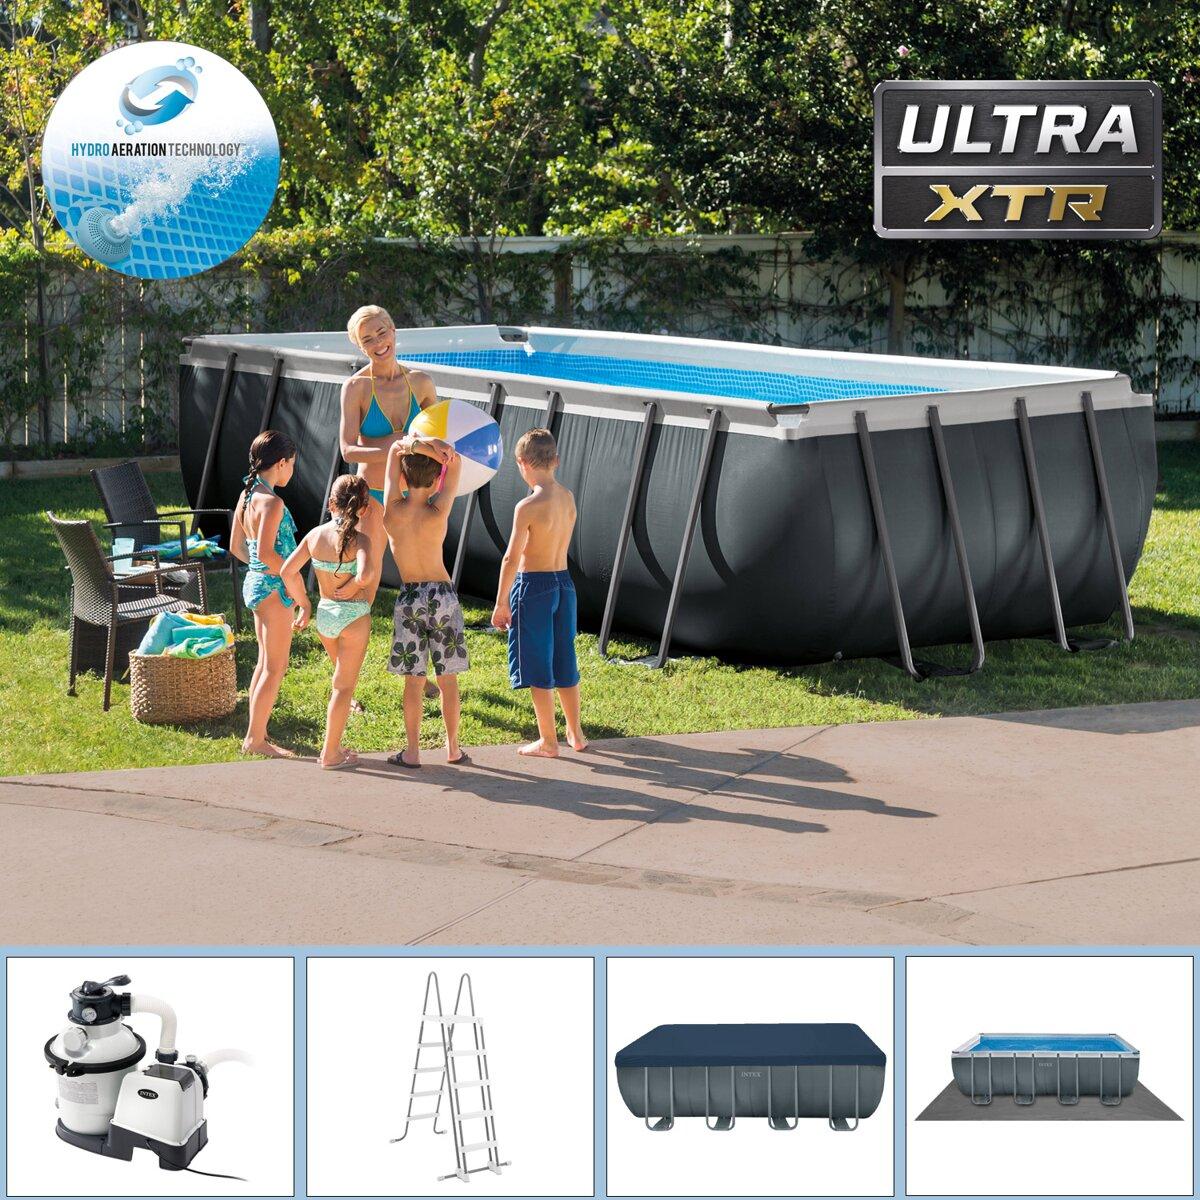 27ced121f7 Bazén Intex Ultra Quadra XTR 549 x 274 x 132 cm s pieskovou filtráciou